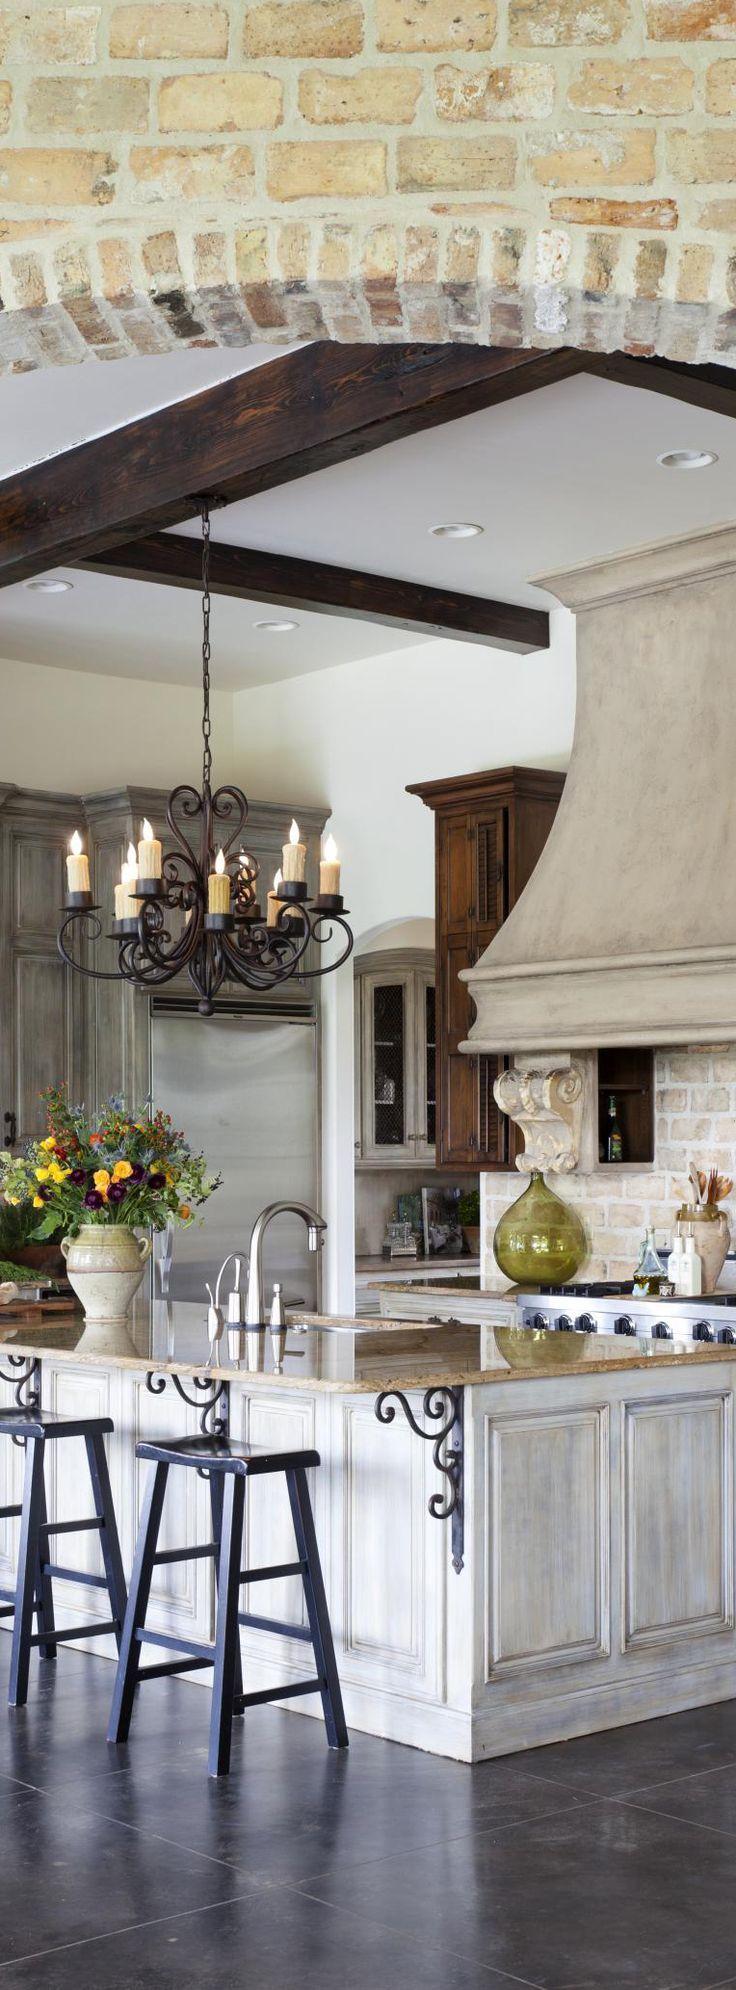 French Country Kitchen | ki chenille ideas | Pinterest | Cocinas ...